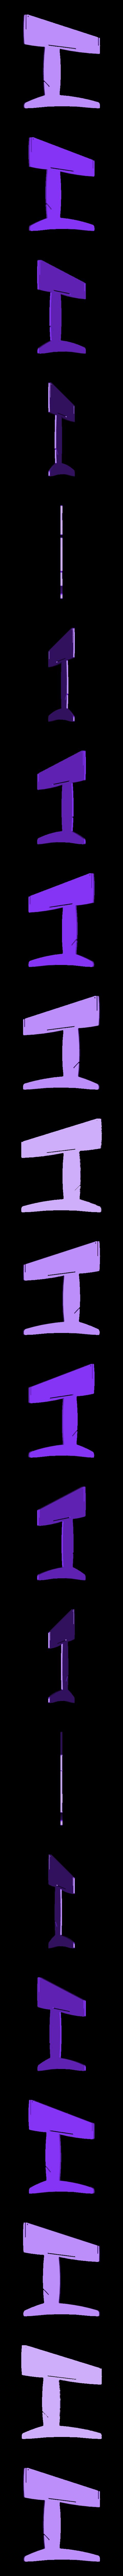 bureau1.STL Télécharger fichier STL gratuit Bureau  • Design pour impression 3D, maxgg